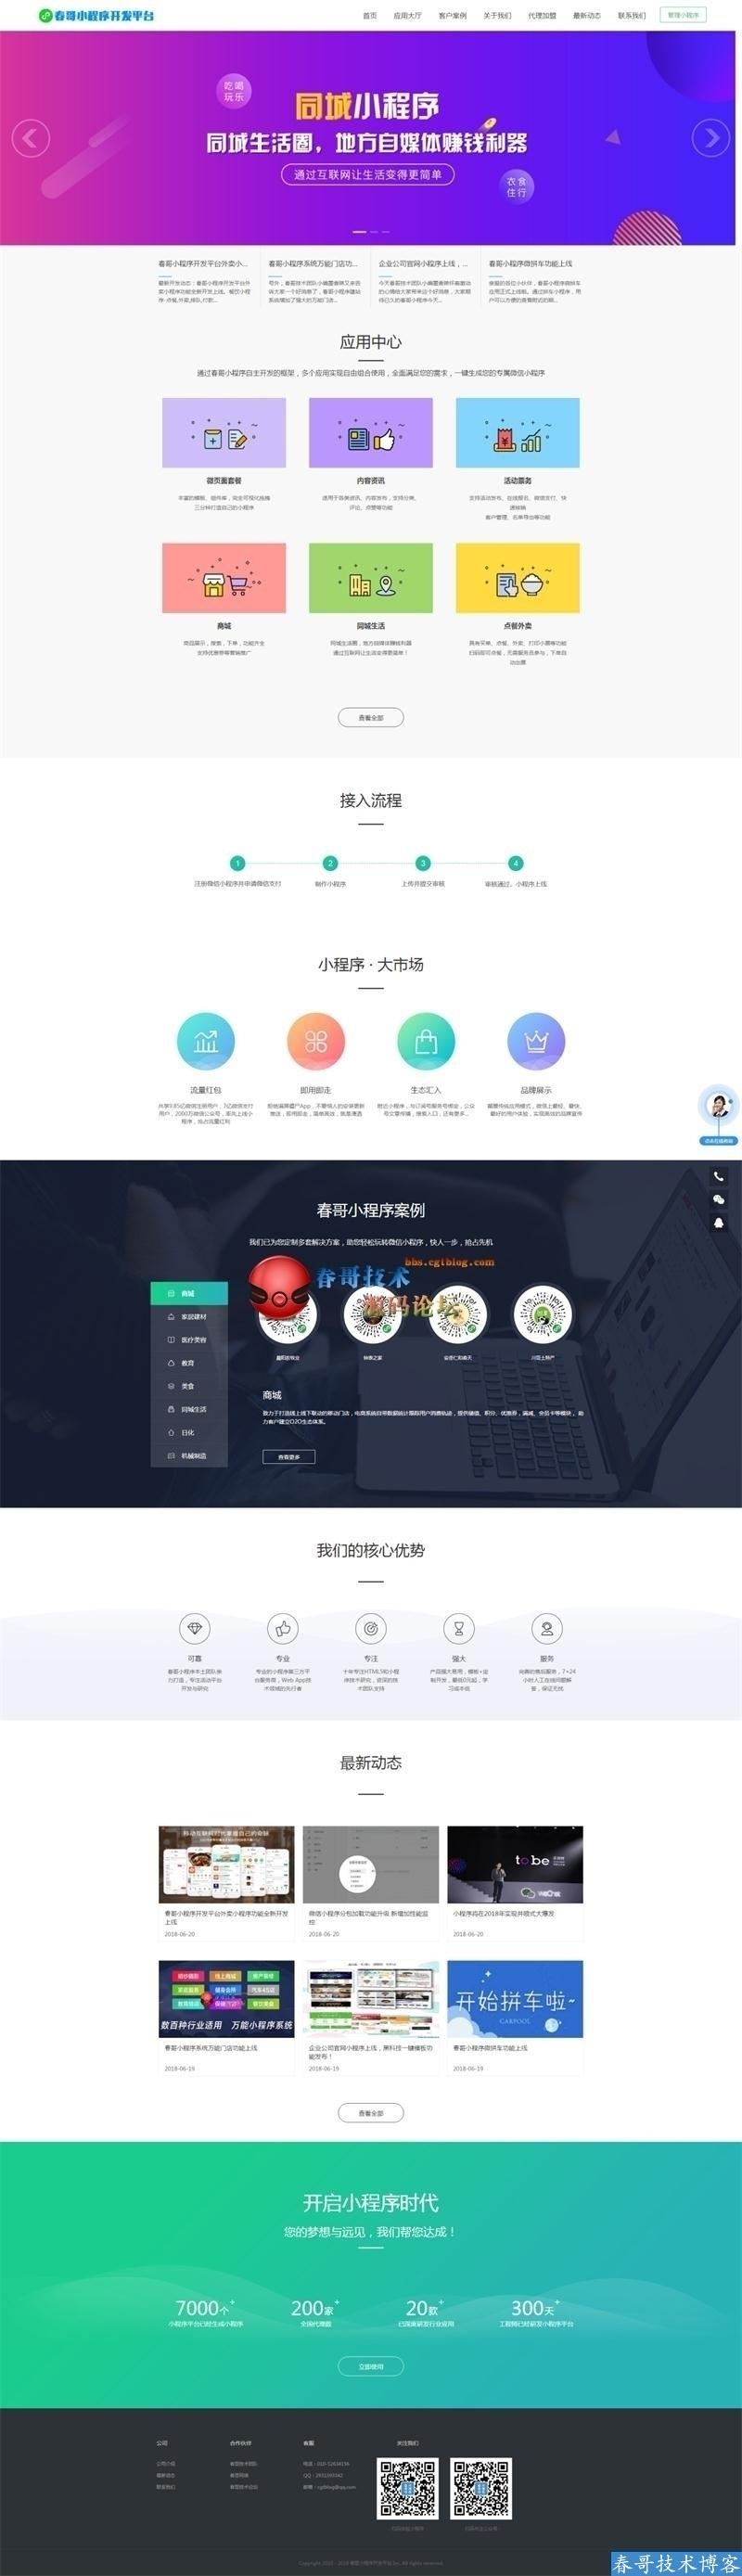 春哥小程序开发平台V2.0全新升级发布!新增社区论坛小程序功能!